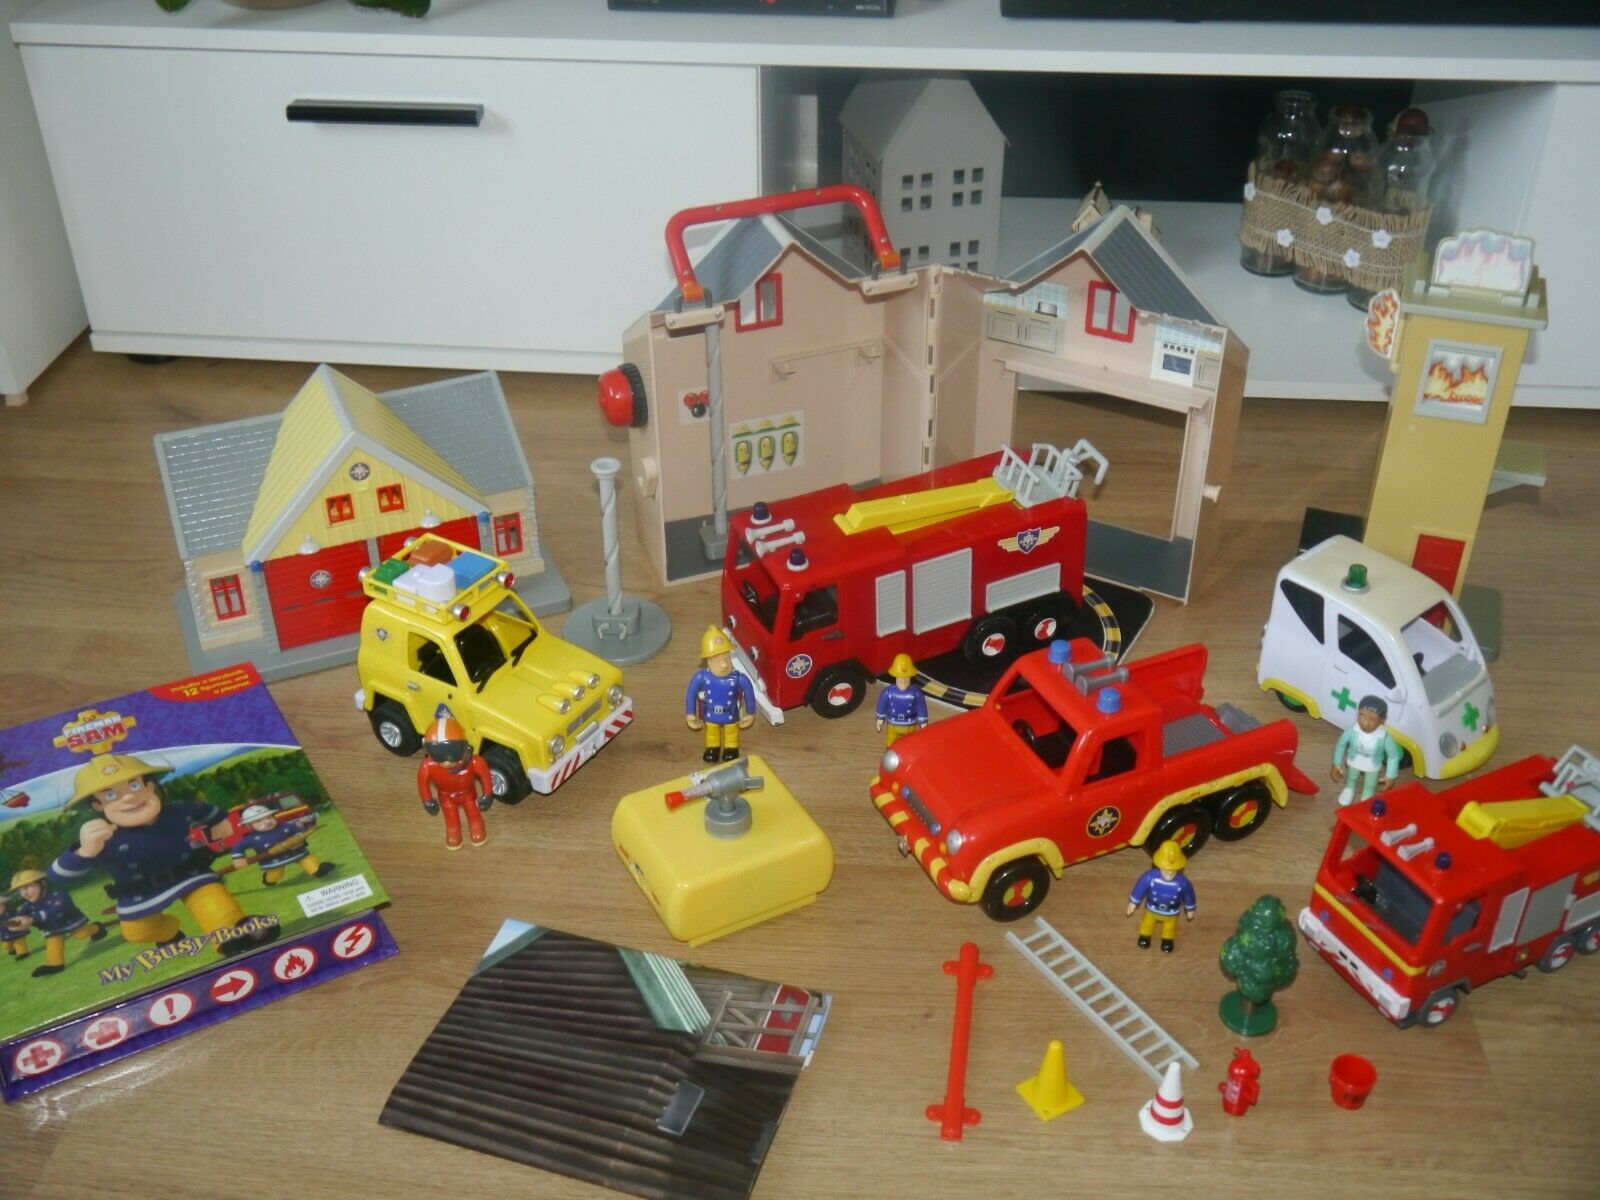 Fireman Sam Paquete Grande Juguetes _ 3 edificios _ 5 vehículos _ 5 figuras y muchos más _ 13